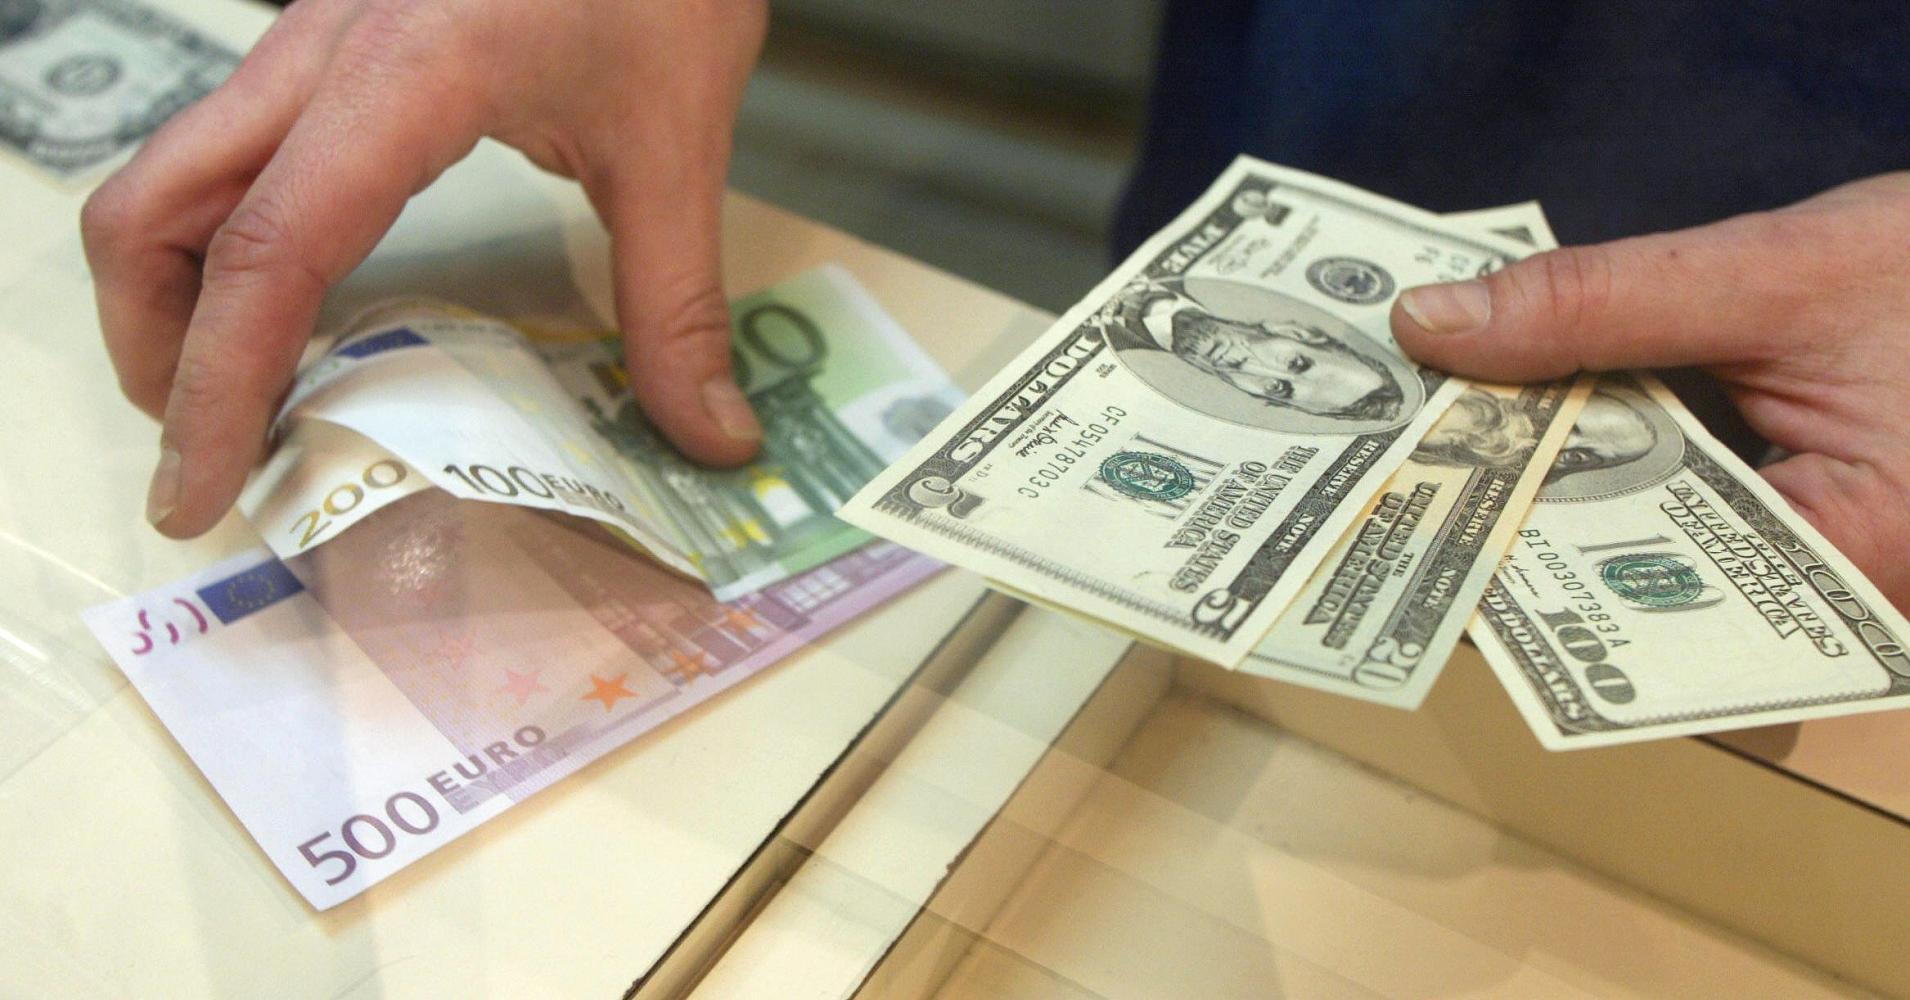 Закарпатські банки можуть змінювати курс валют упродовж дня та у різних відділеннях